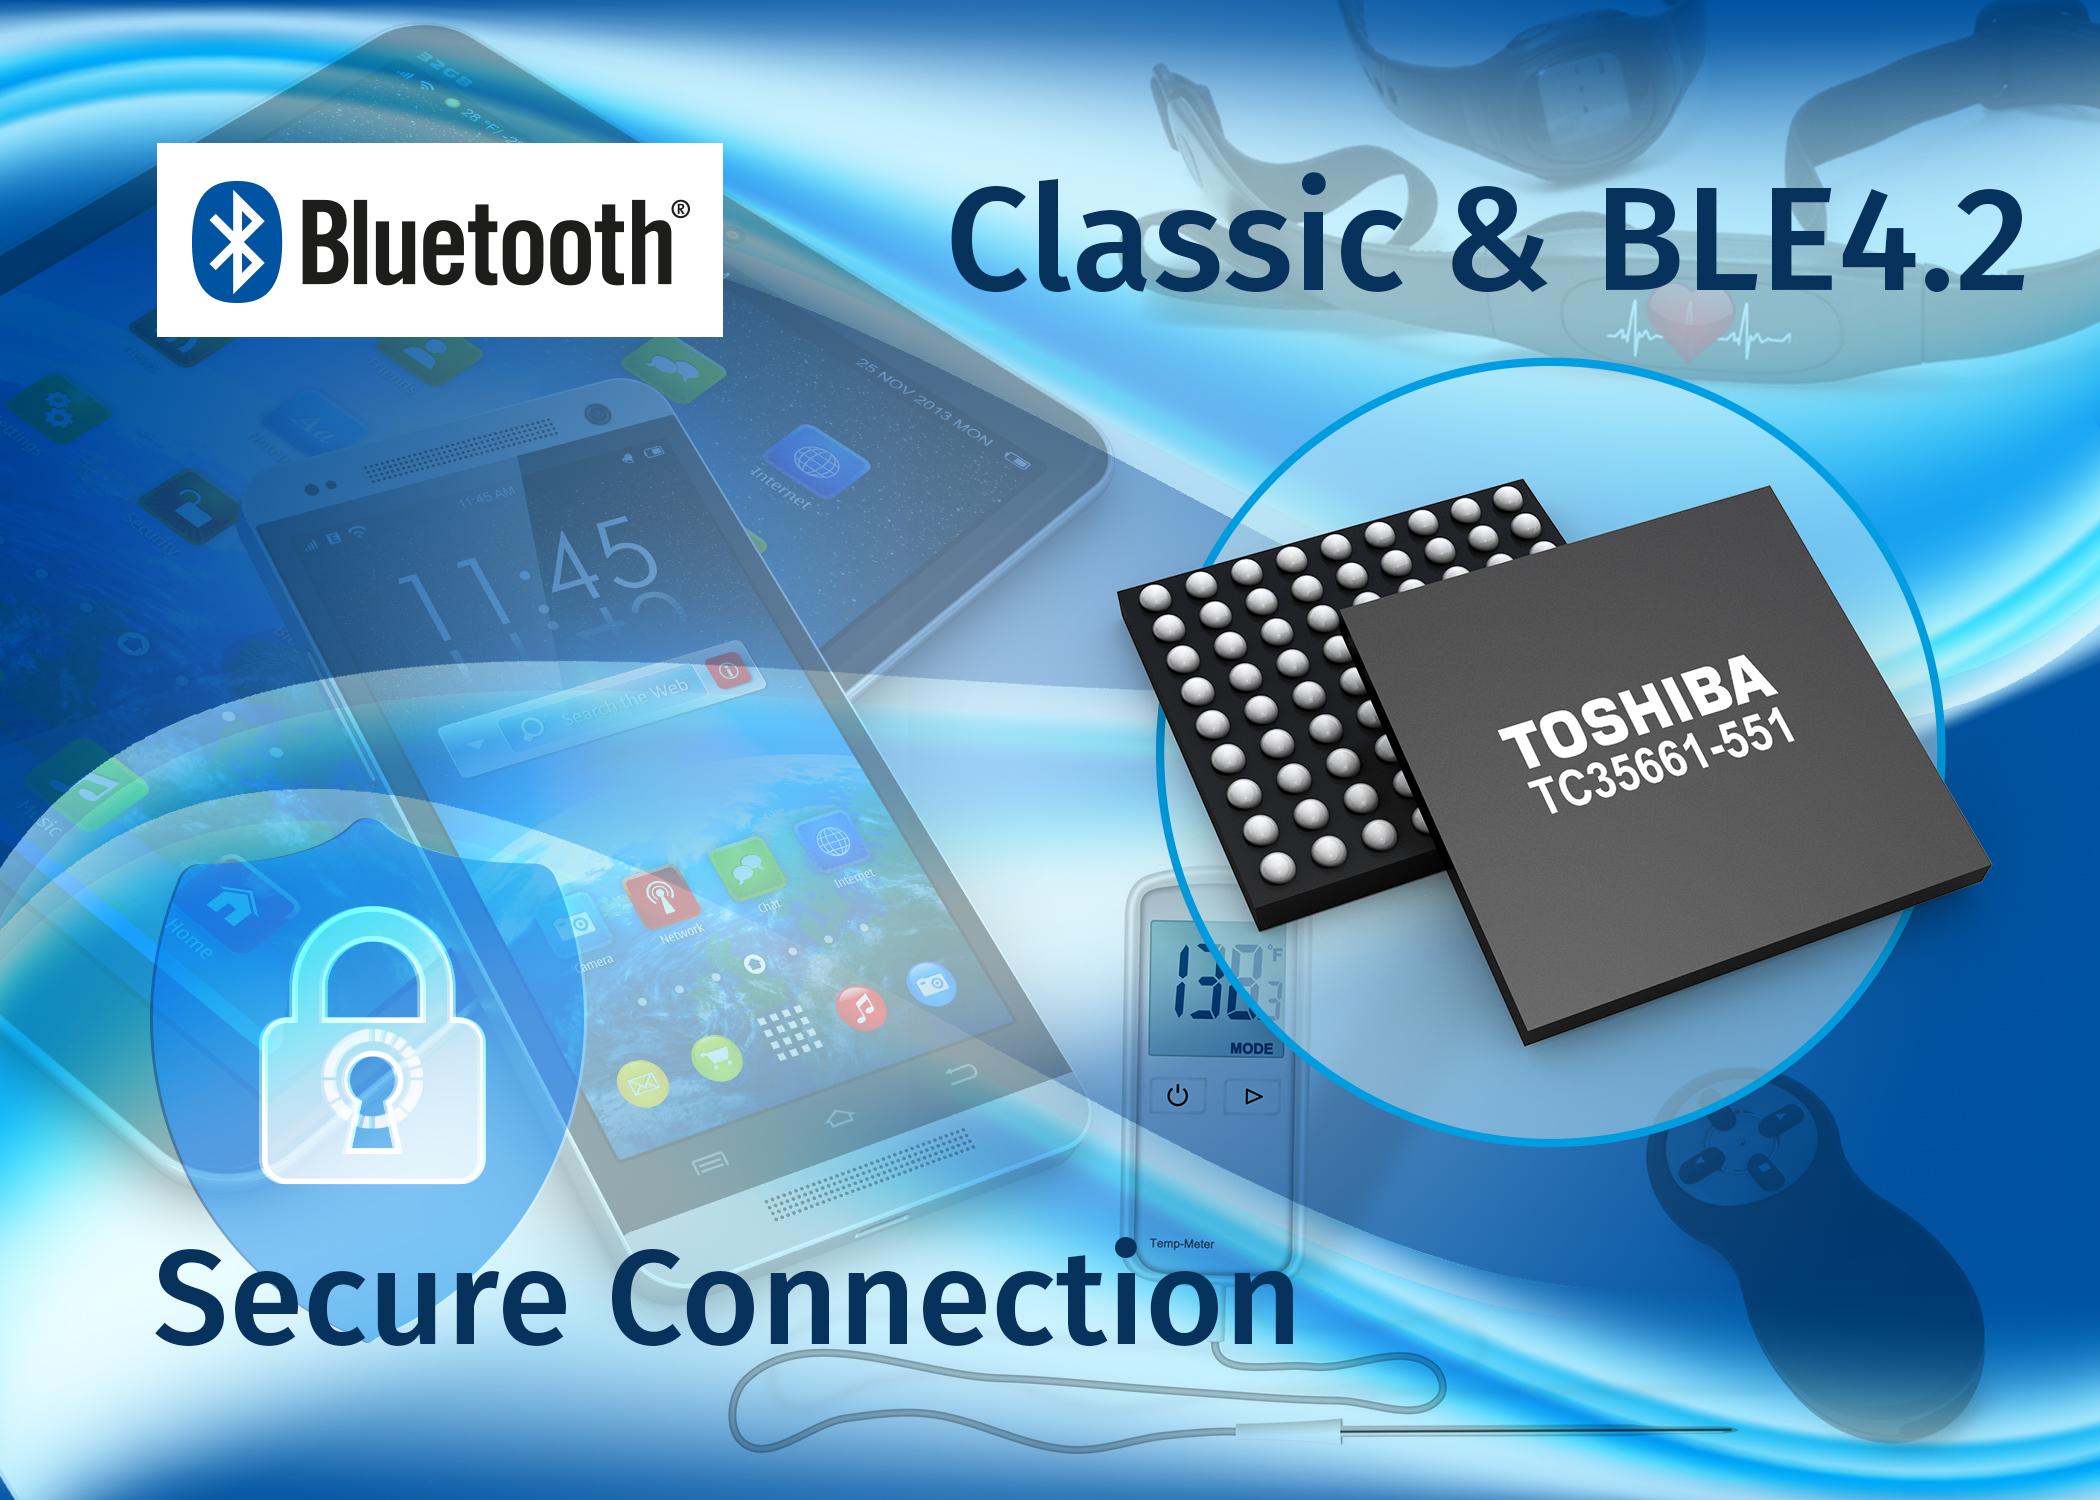 Single-Chip-IC der Bluetooth LE 4.2 unterstützt